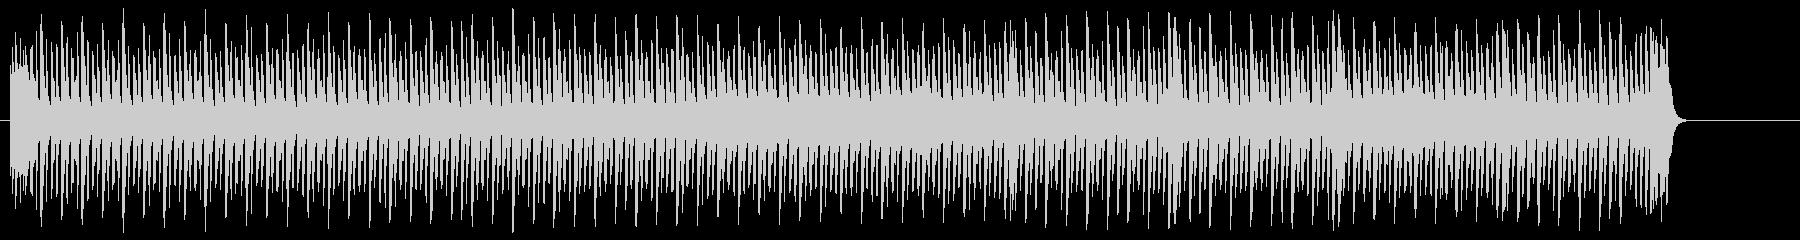 機械的なテクノ風ポップの未再生の波形